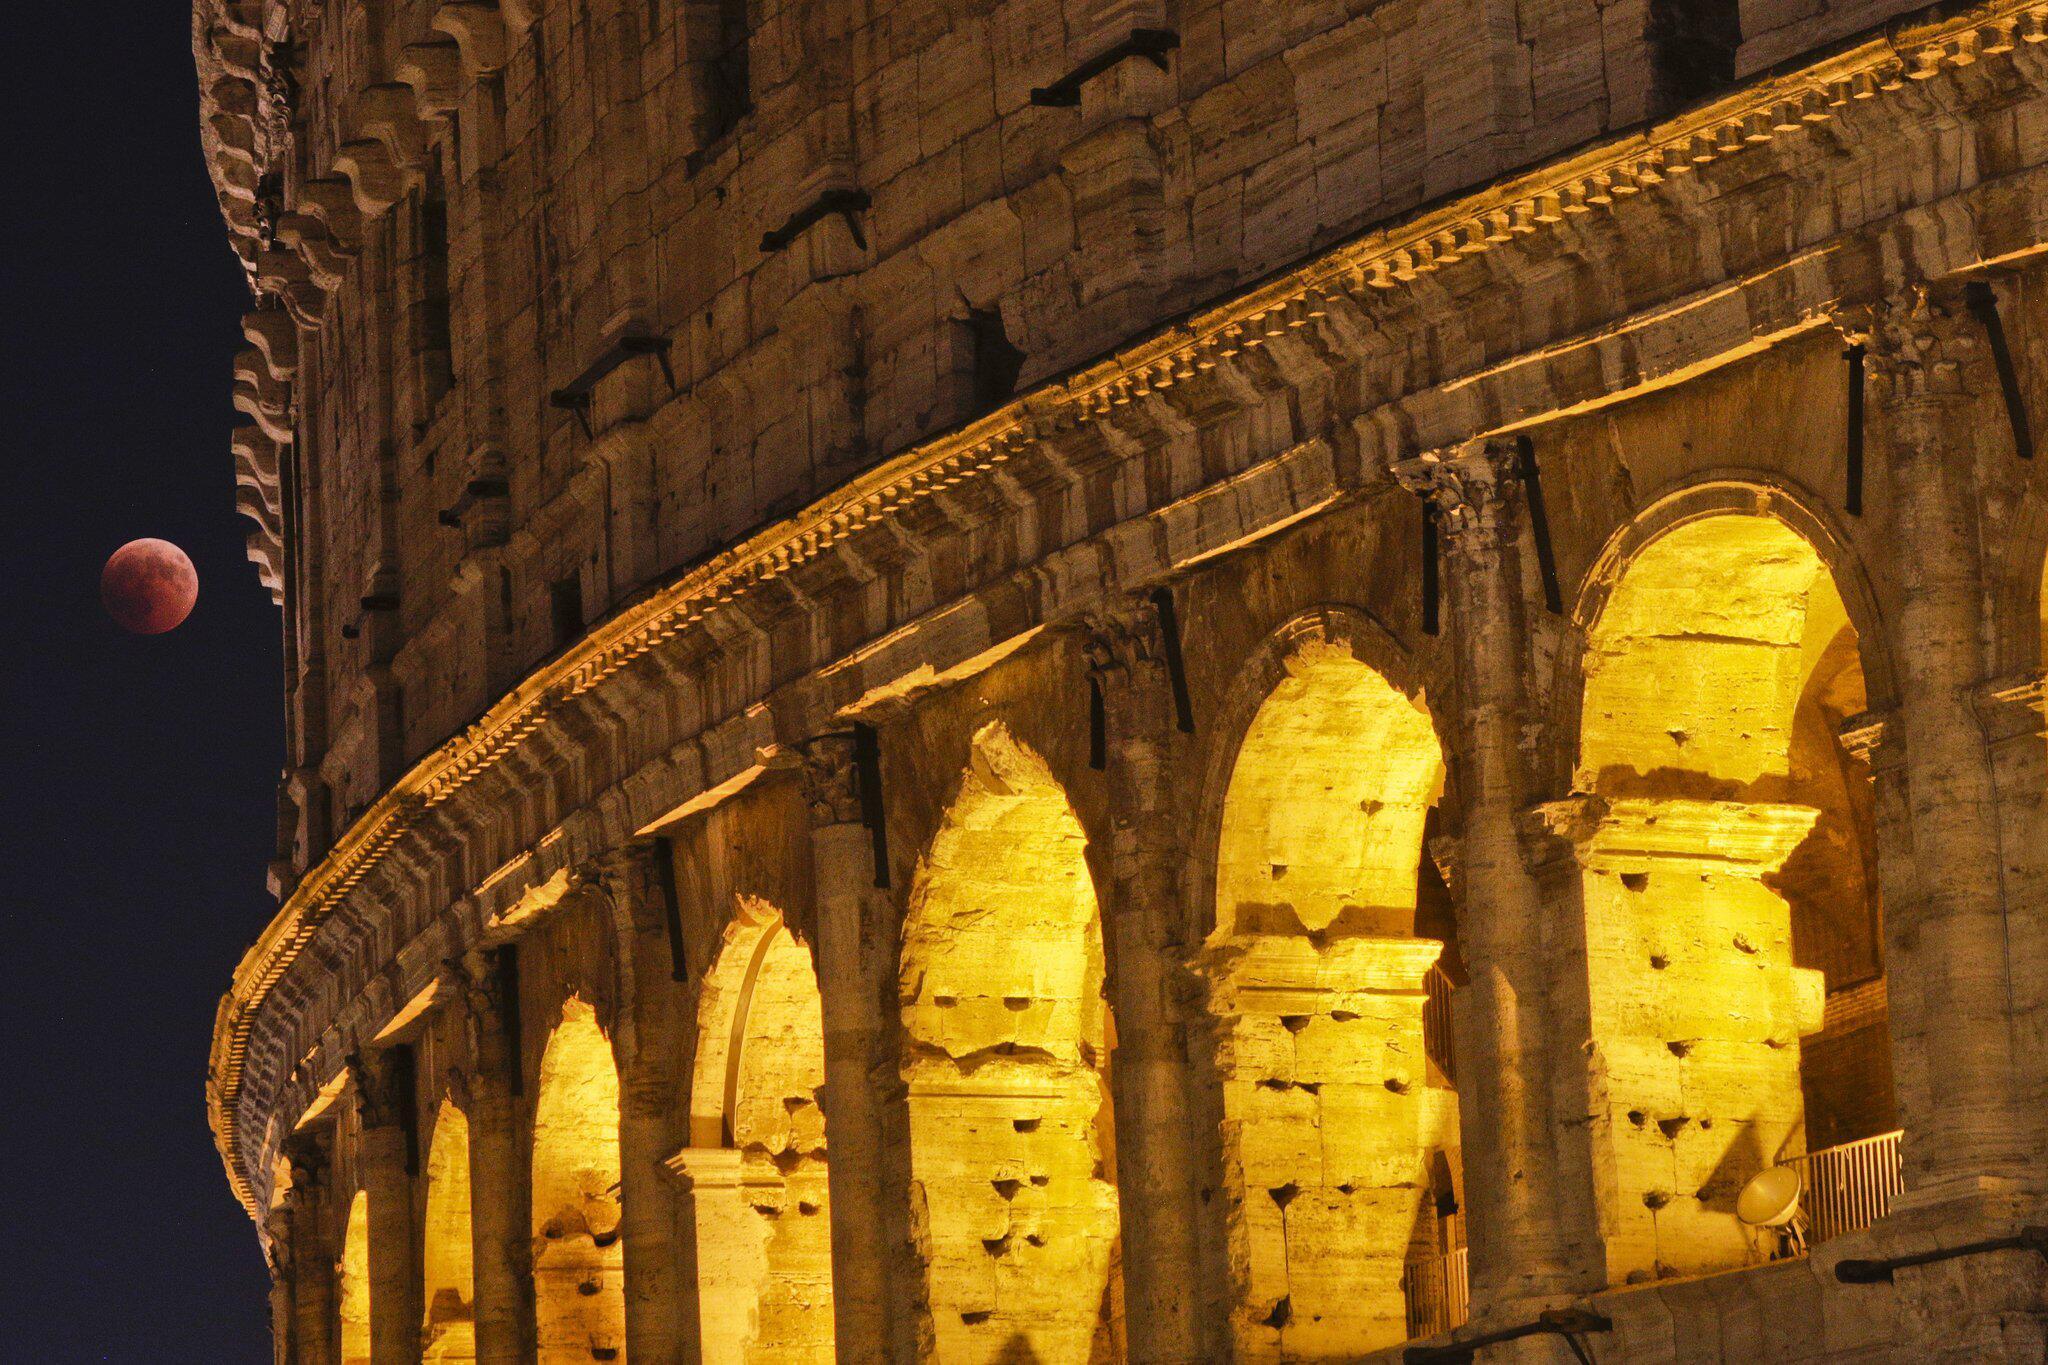 Bild zu Mondfinsternis, Italien